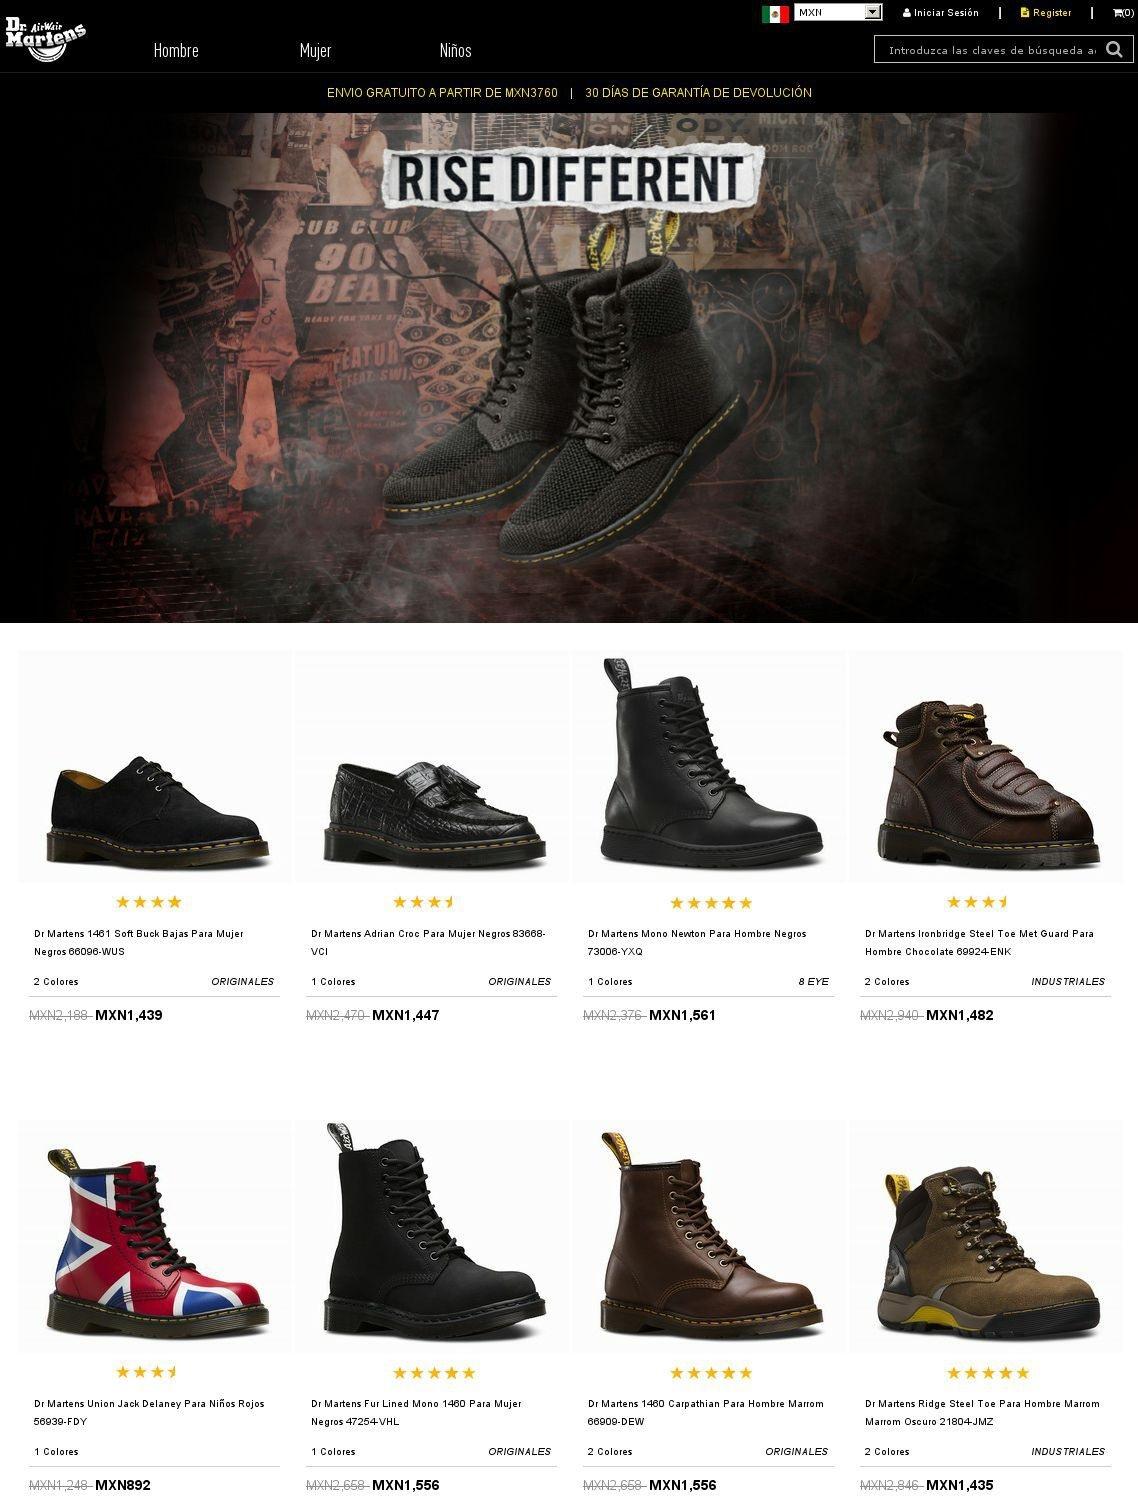 Fausse Boutique Chaussures Dr Martens